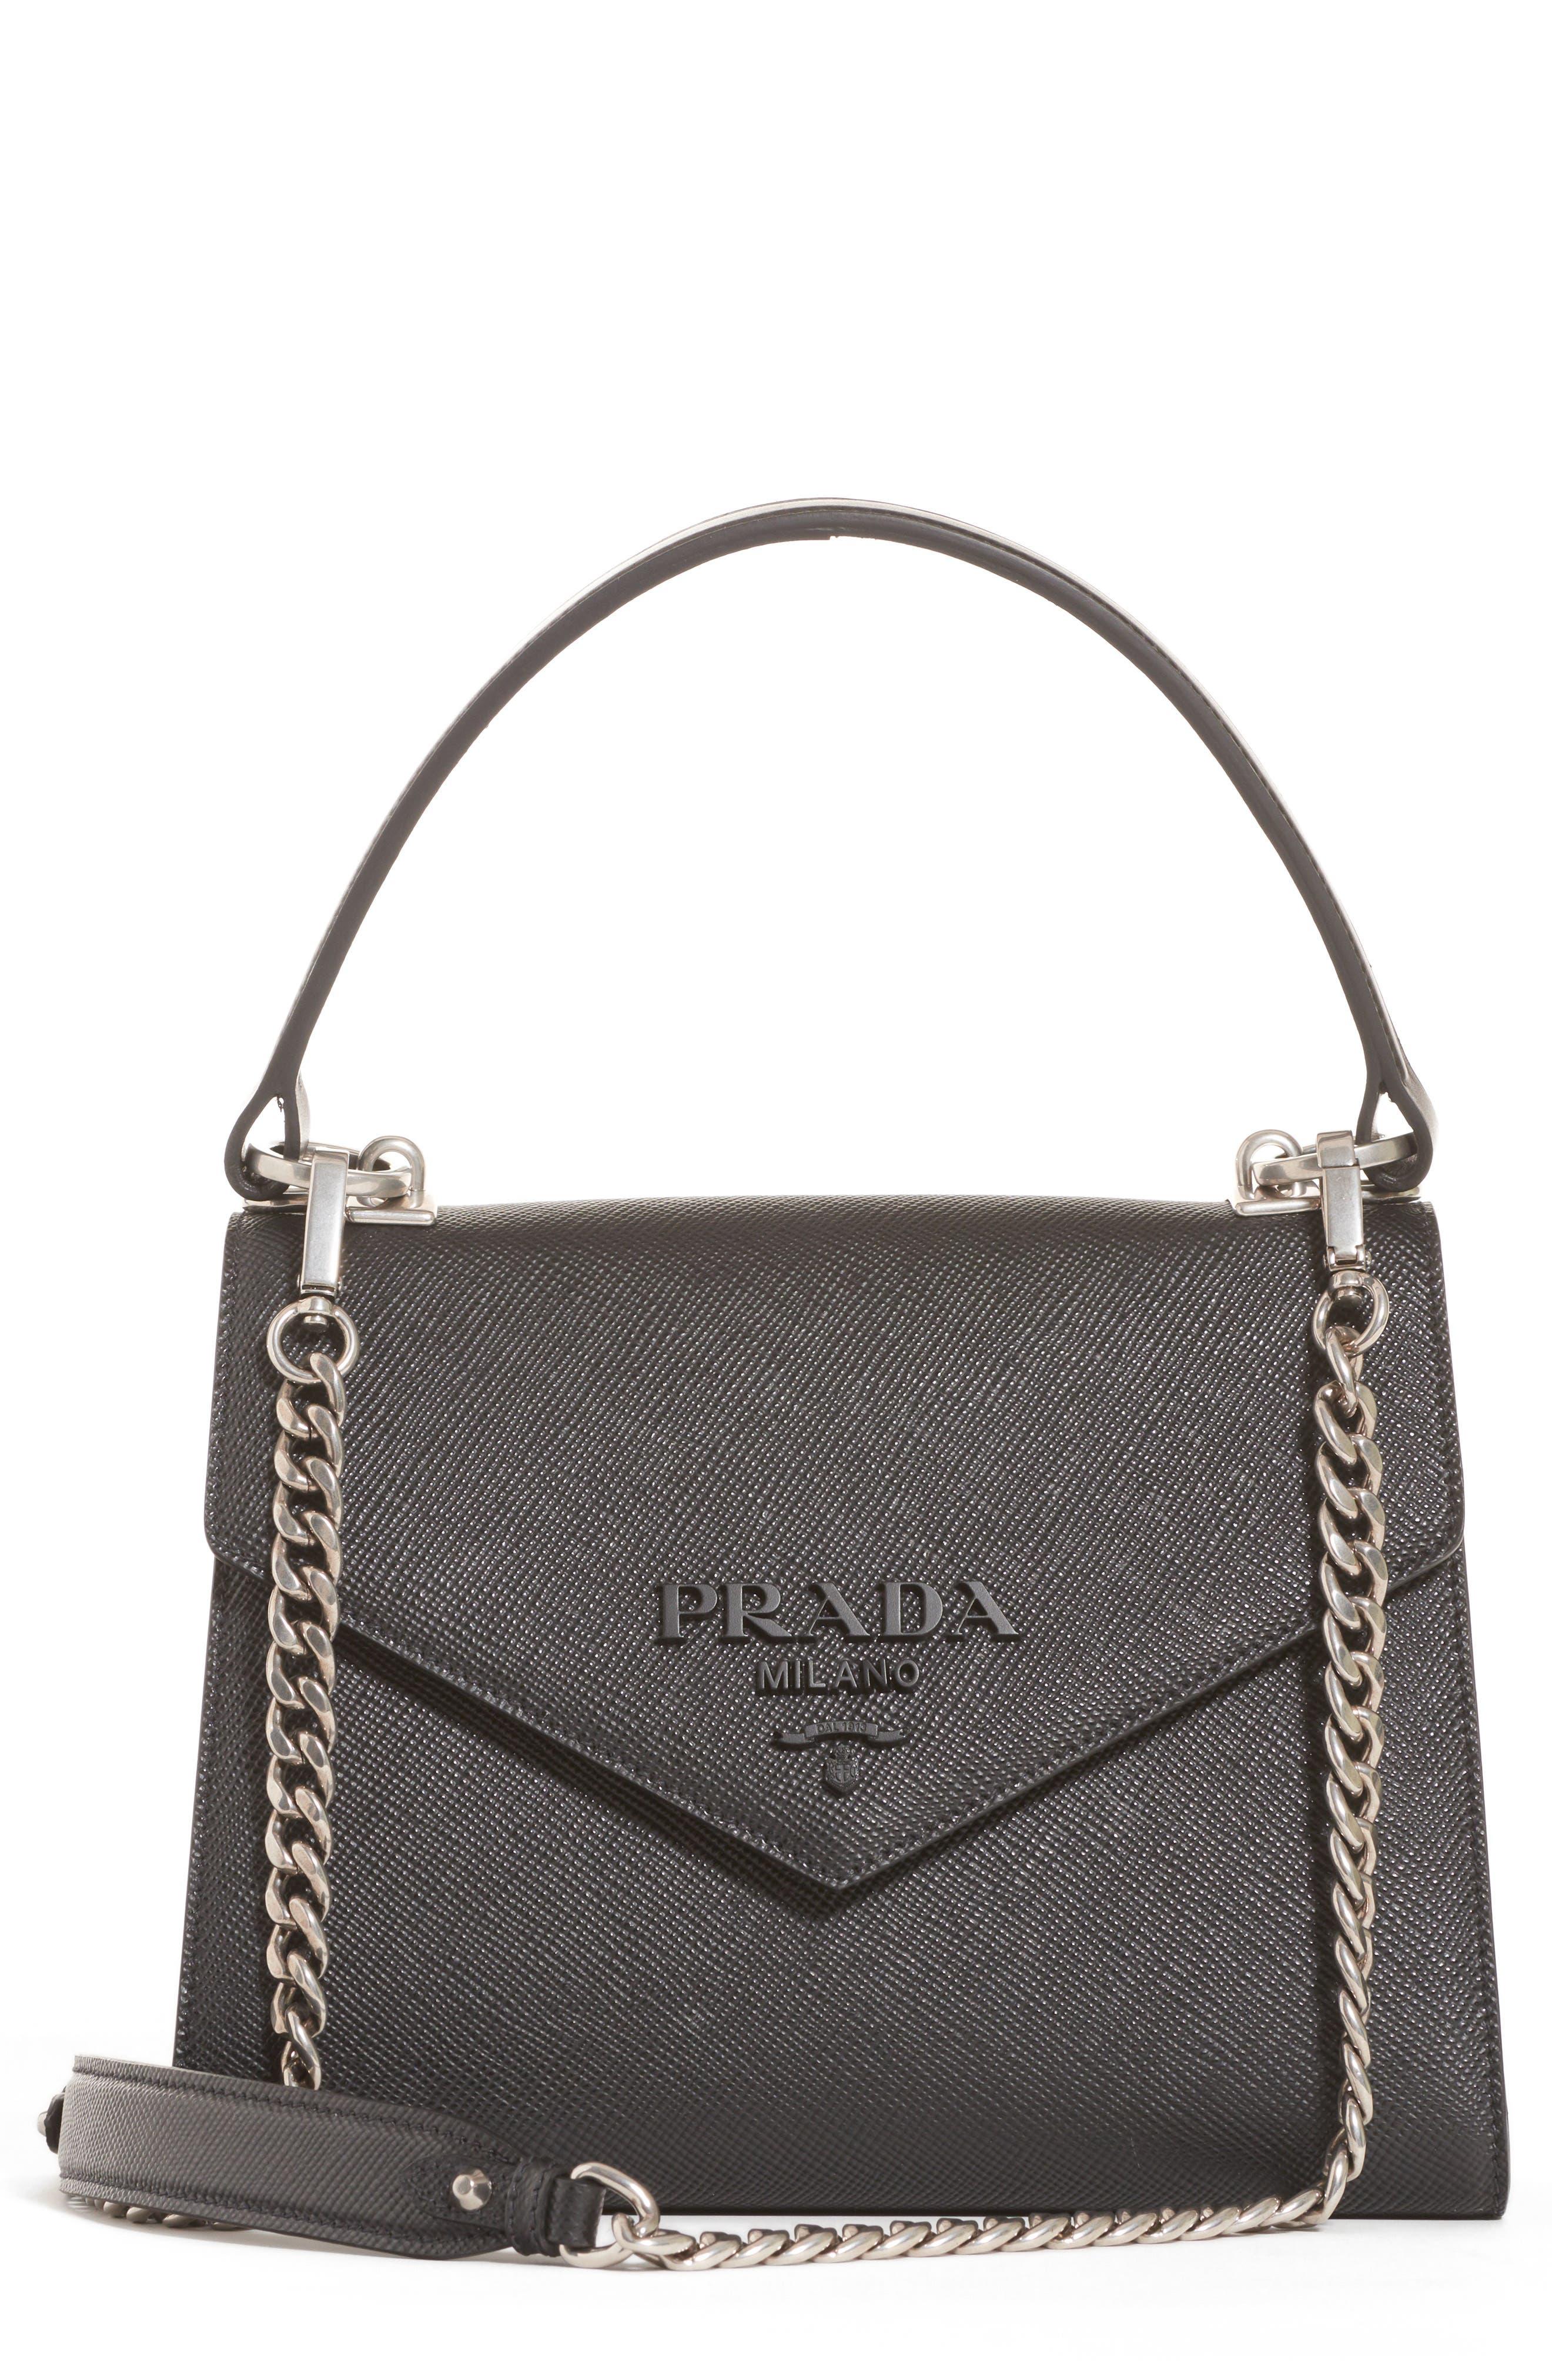 bb35ebc06e937 ... cheap prada monochrome logo top handle leather handbag main color nero  daf35 57e63